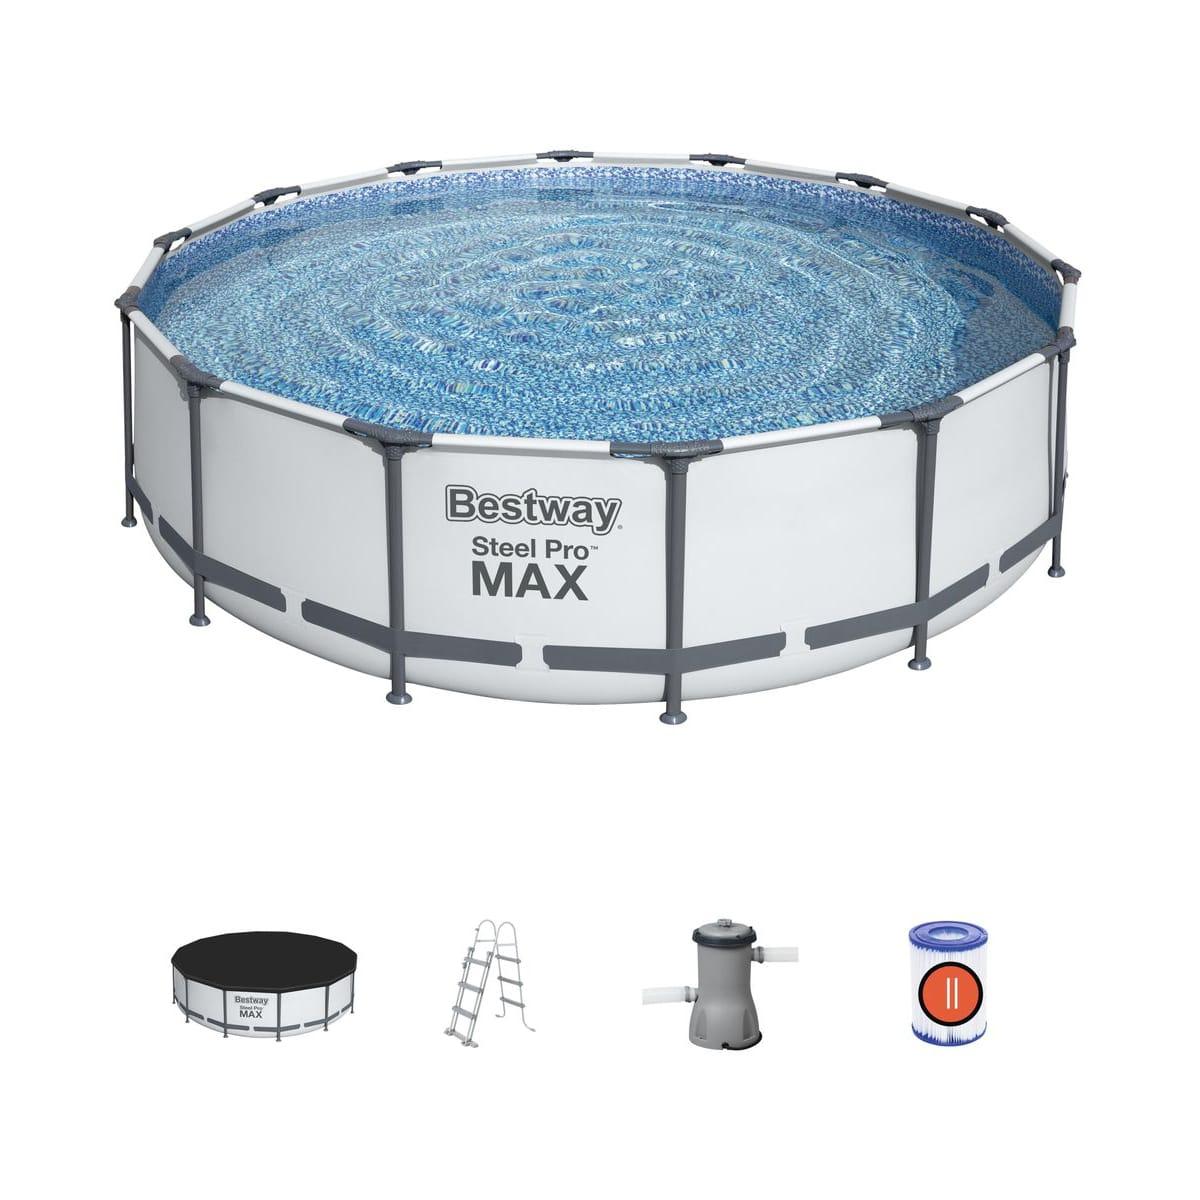 Piscine tubulaire Ronde Steel Pro Max - 427cm x H 107cm (Magasins participants)